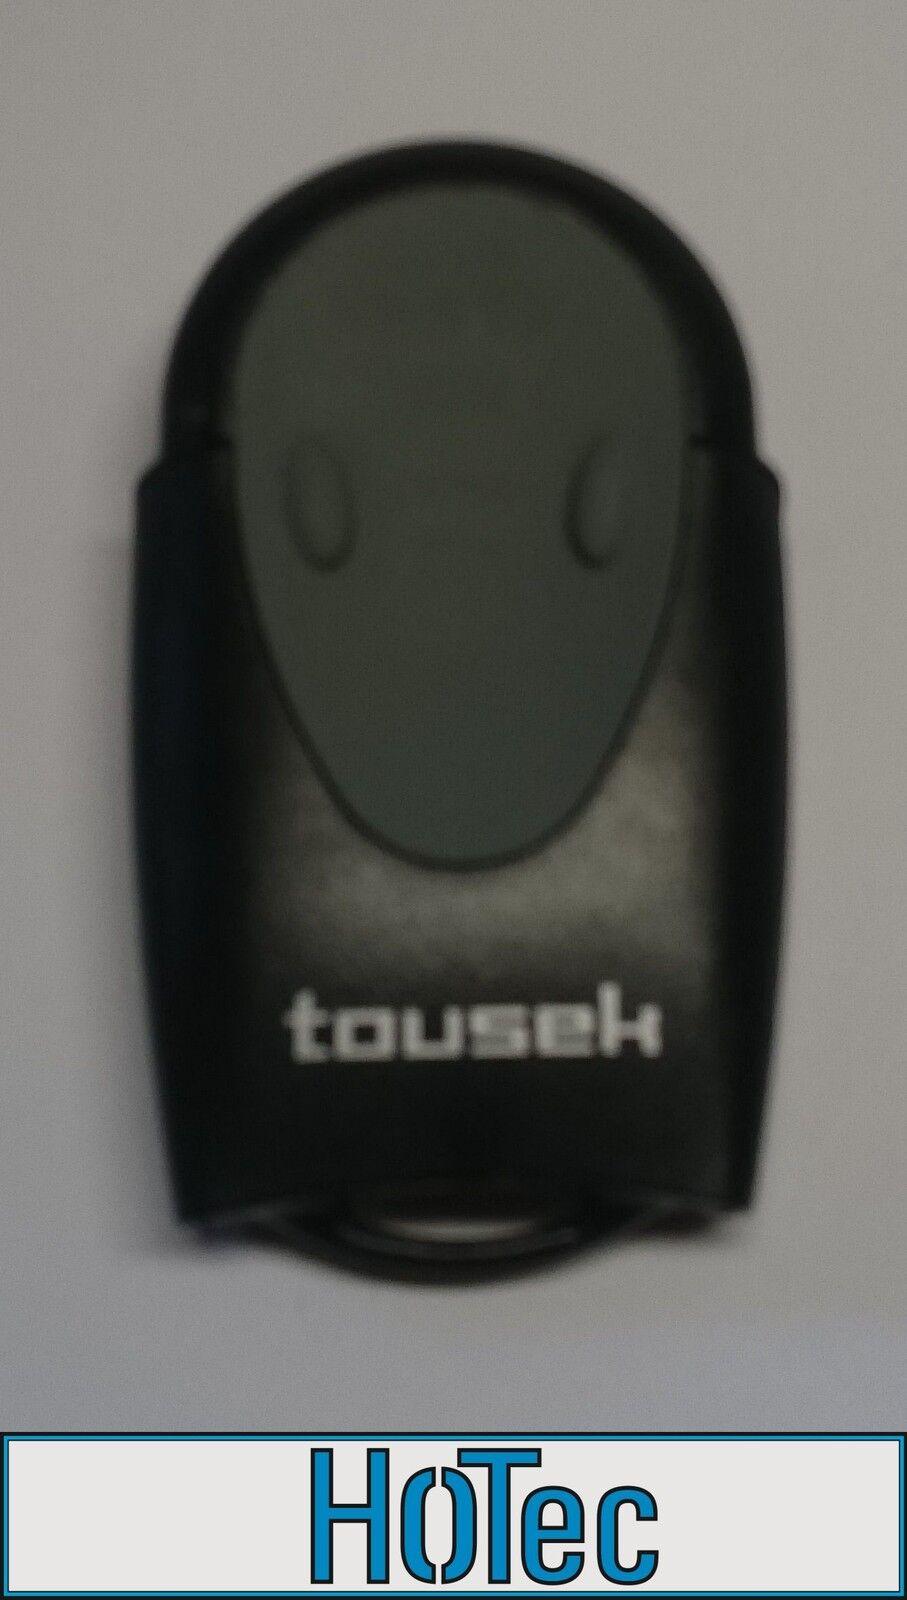 TKL Antenne kompatibel zu TOUSEK Funksysteme RS868 TXR868 Stabantenne FK 868 MHz